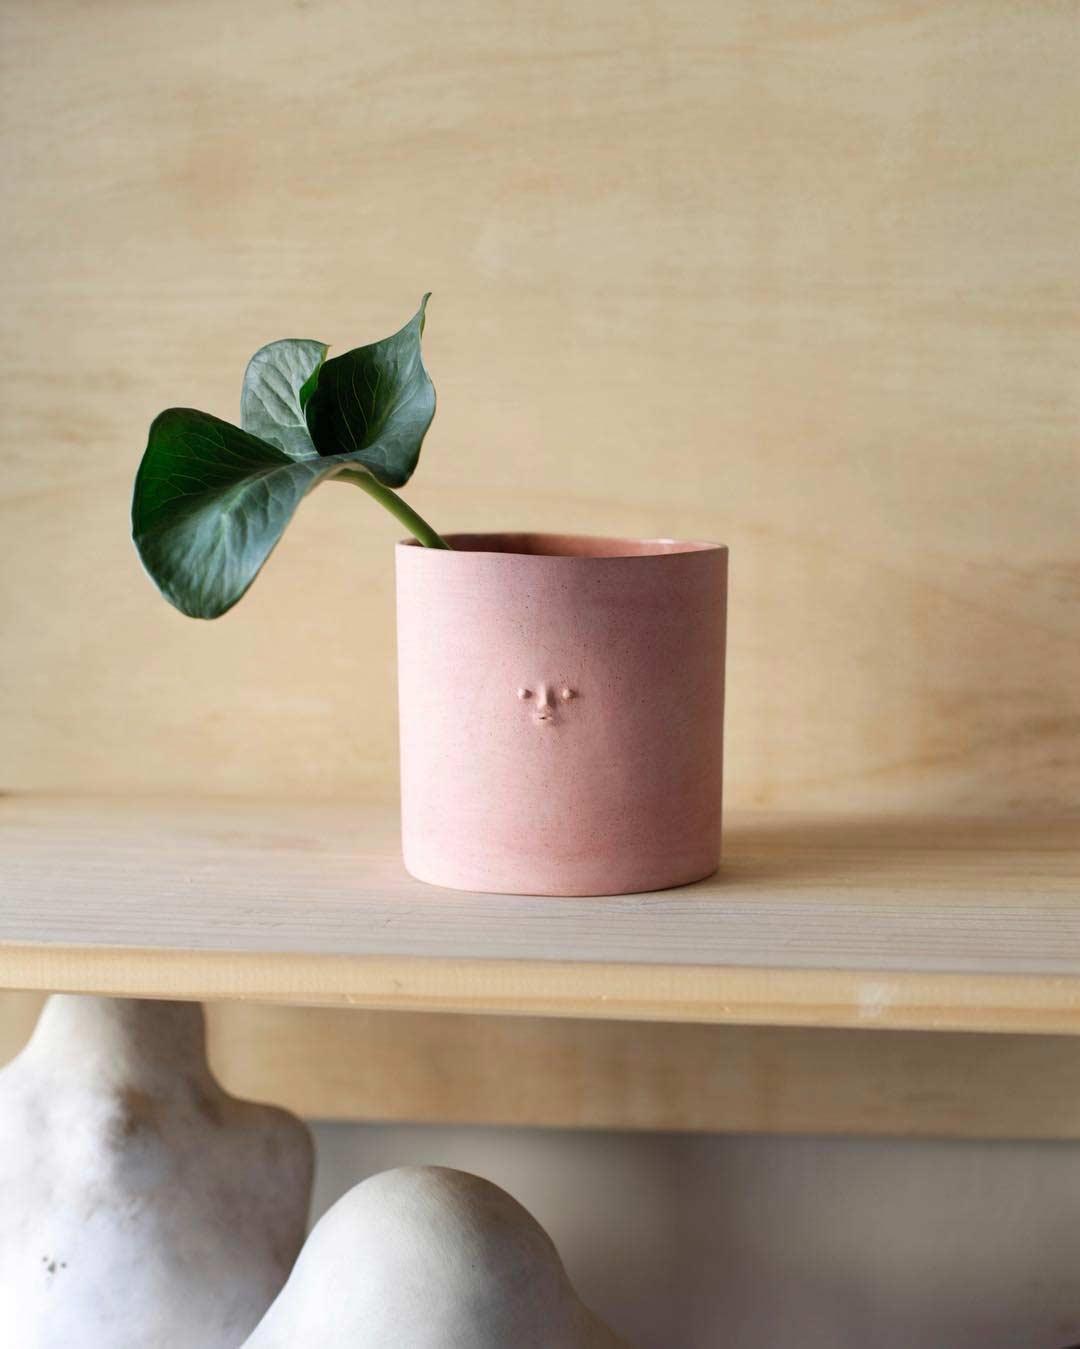 Keramikware mit Miniatur-Gesichtern keramik-mit-gesichtern-rami-kim_03